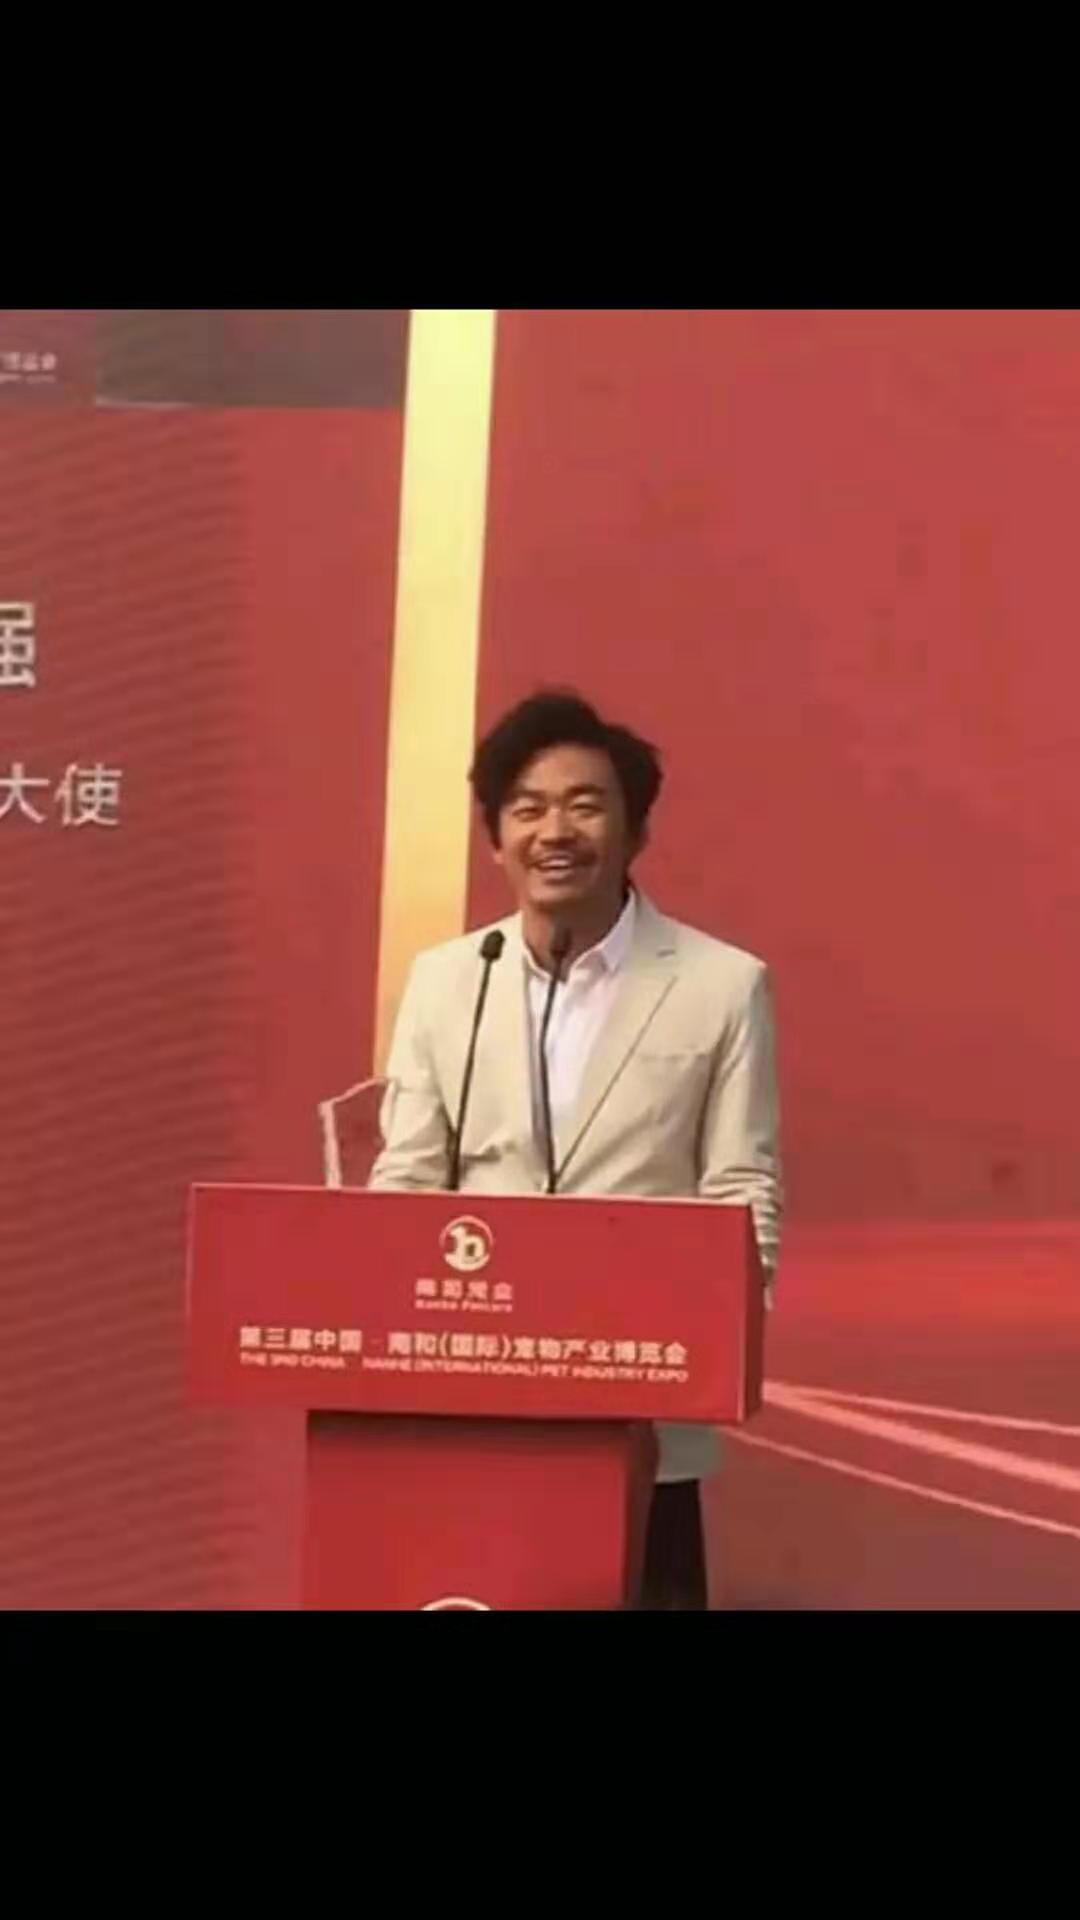 王宝强担任家乡形象大使,马蓉发文:看透是非善恶,太有深意